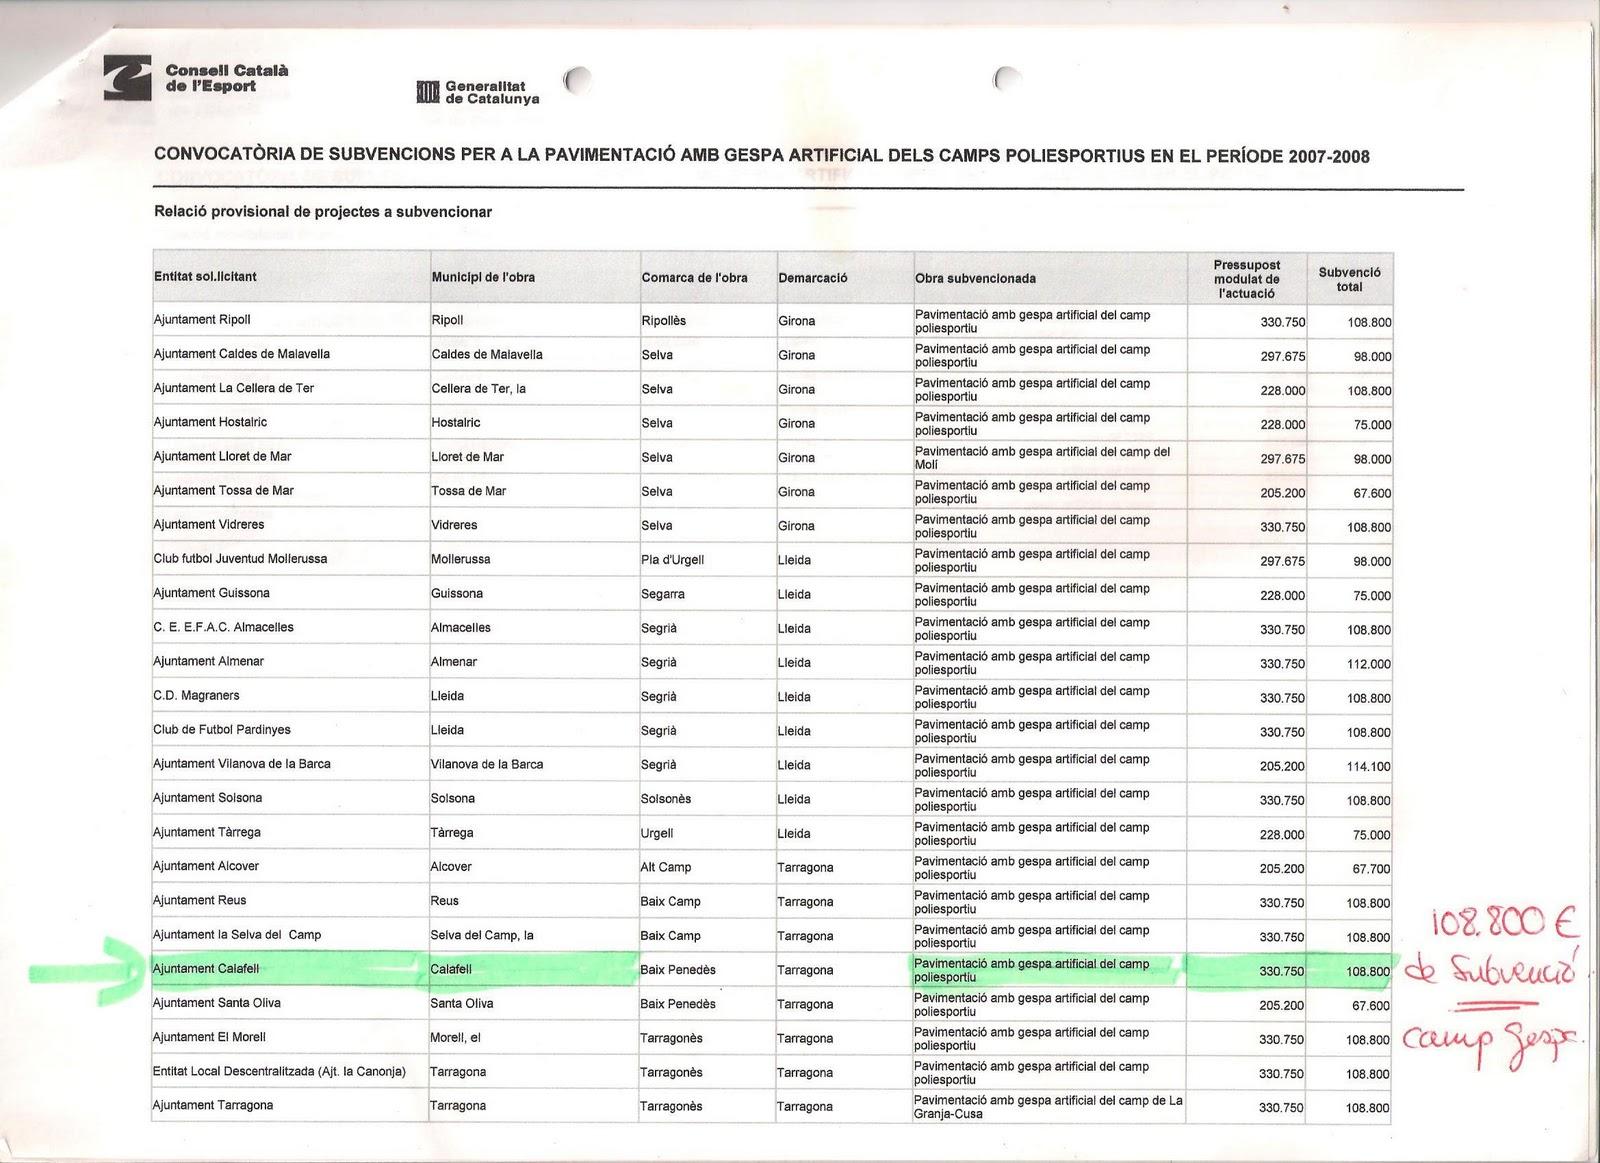 Calafell informaci ciutadana 1 08 10 1 09 10 - Material para bares ...